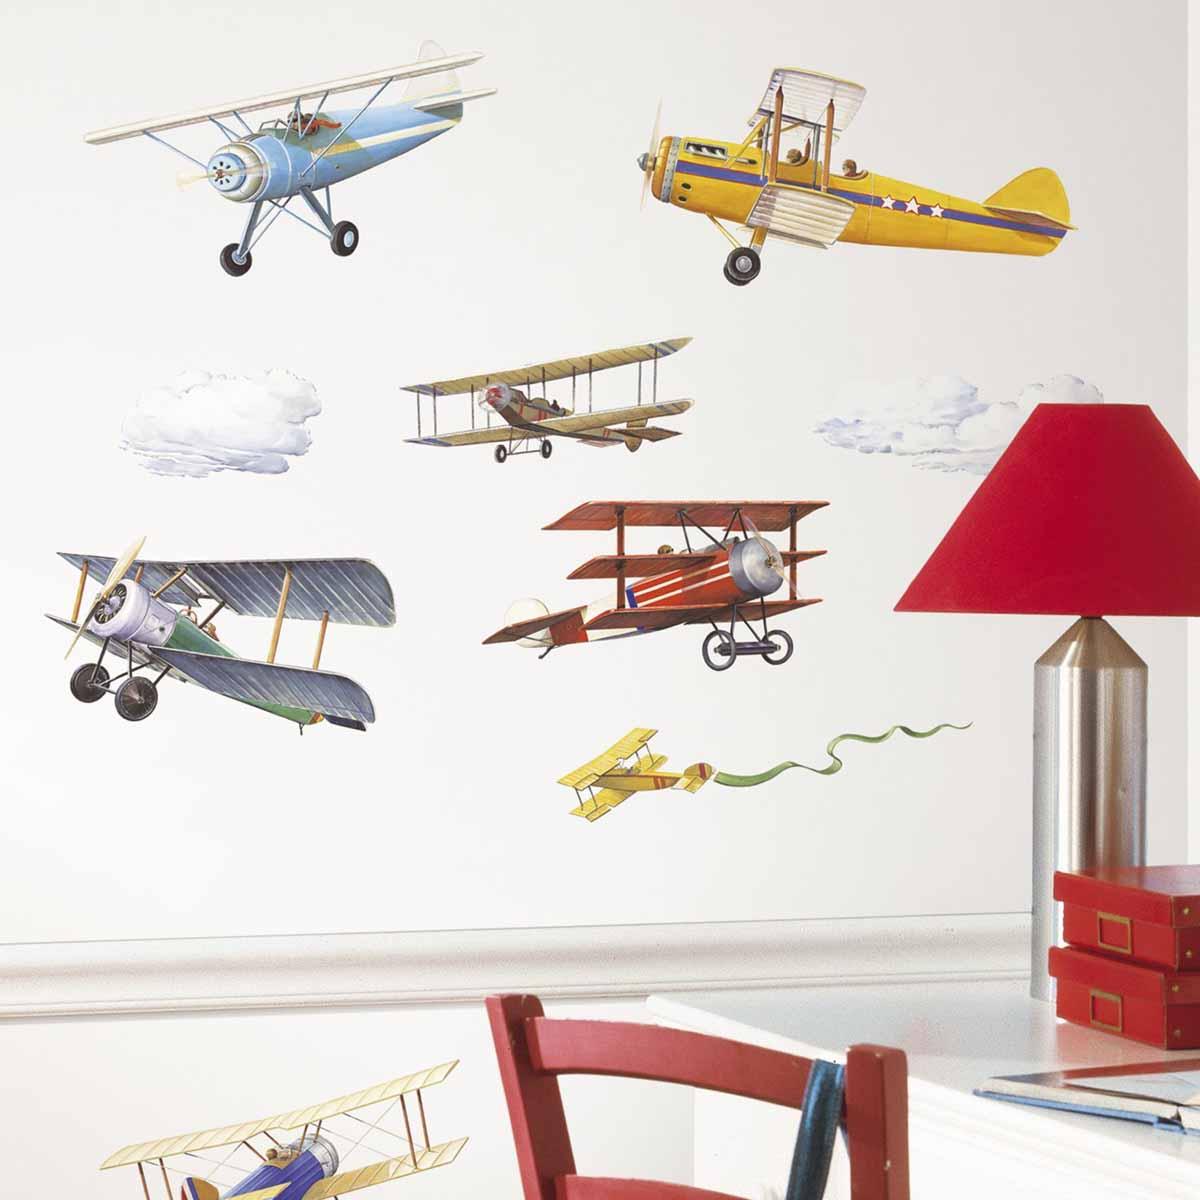 RoomMates Наклейка интерьерная Самолеты Исторические модели 22 штRMK1197SCSНаклейки интерьерные RoomMates Самолеты. Исторические модели станут украшением вашей квартиры! Устремитесь ввысь с новым увлекательным набором наклеек для декора! Наклейки, входящие в набор, содержат изображения винтажных самолетов. Набор прекрасно подходит для спальни, детской, игровой комнаты. Самолеты изображены в интересном и оригинальном стиле. Всего в наборе 22 стикера. Наклейки не нужно вырезать - их следует просто отсоединить от защитного слоя и поместить на стену или любую другую плоскую гладкую поверхность. Наклейки многоразовые: их легко переклеивать и снимать со стены, они не оставляют липких следов на поверхности.